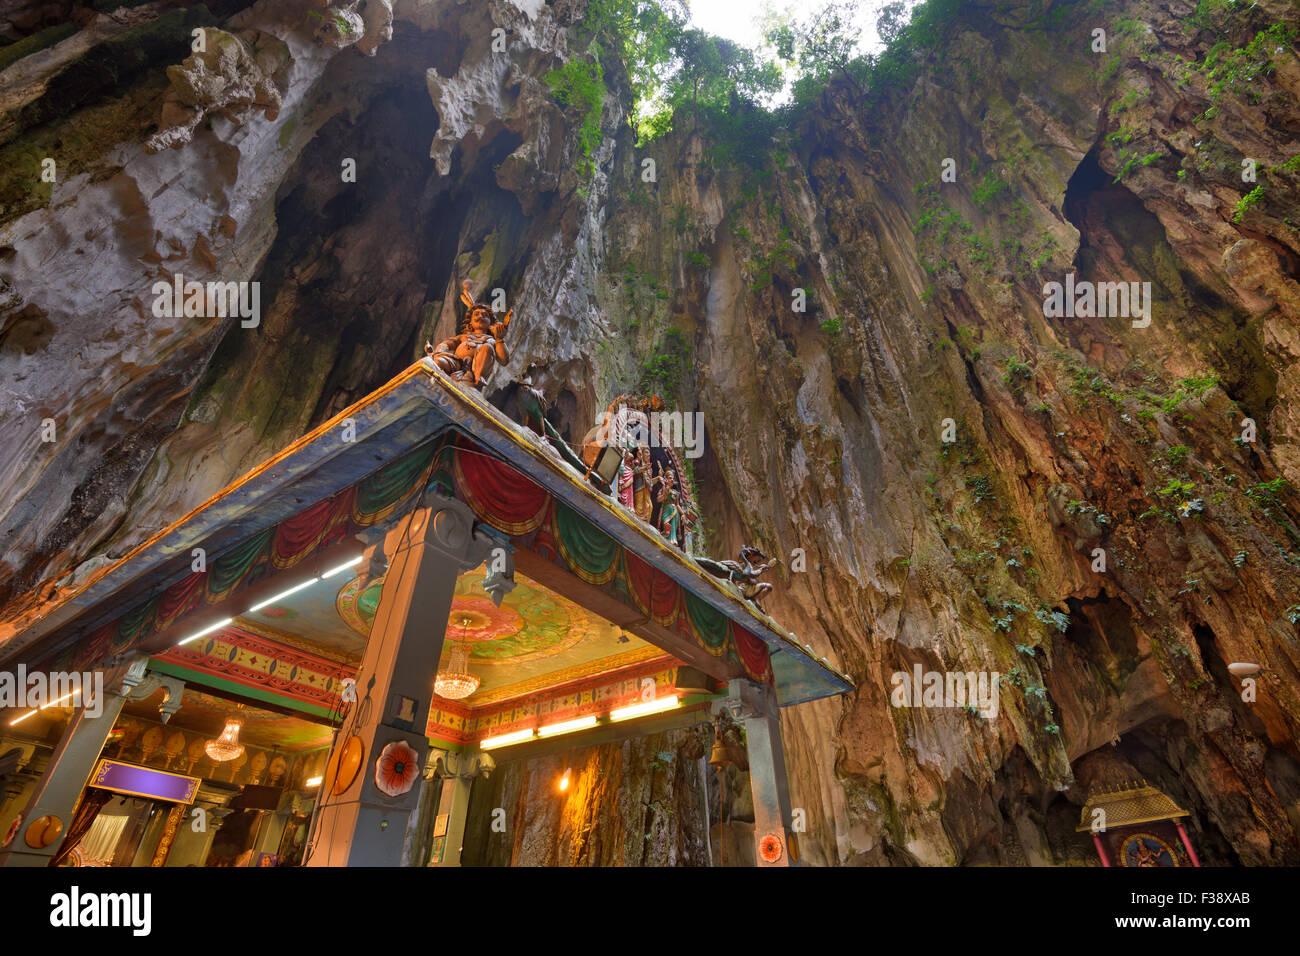 Batu Caves Hindu Temple near Kuala Lumpur. - Stock Image